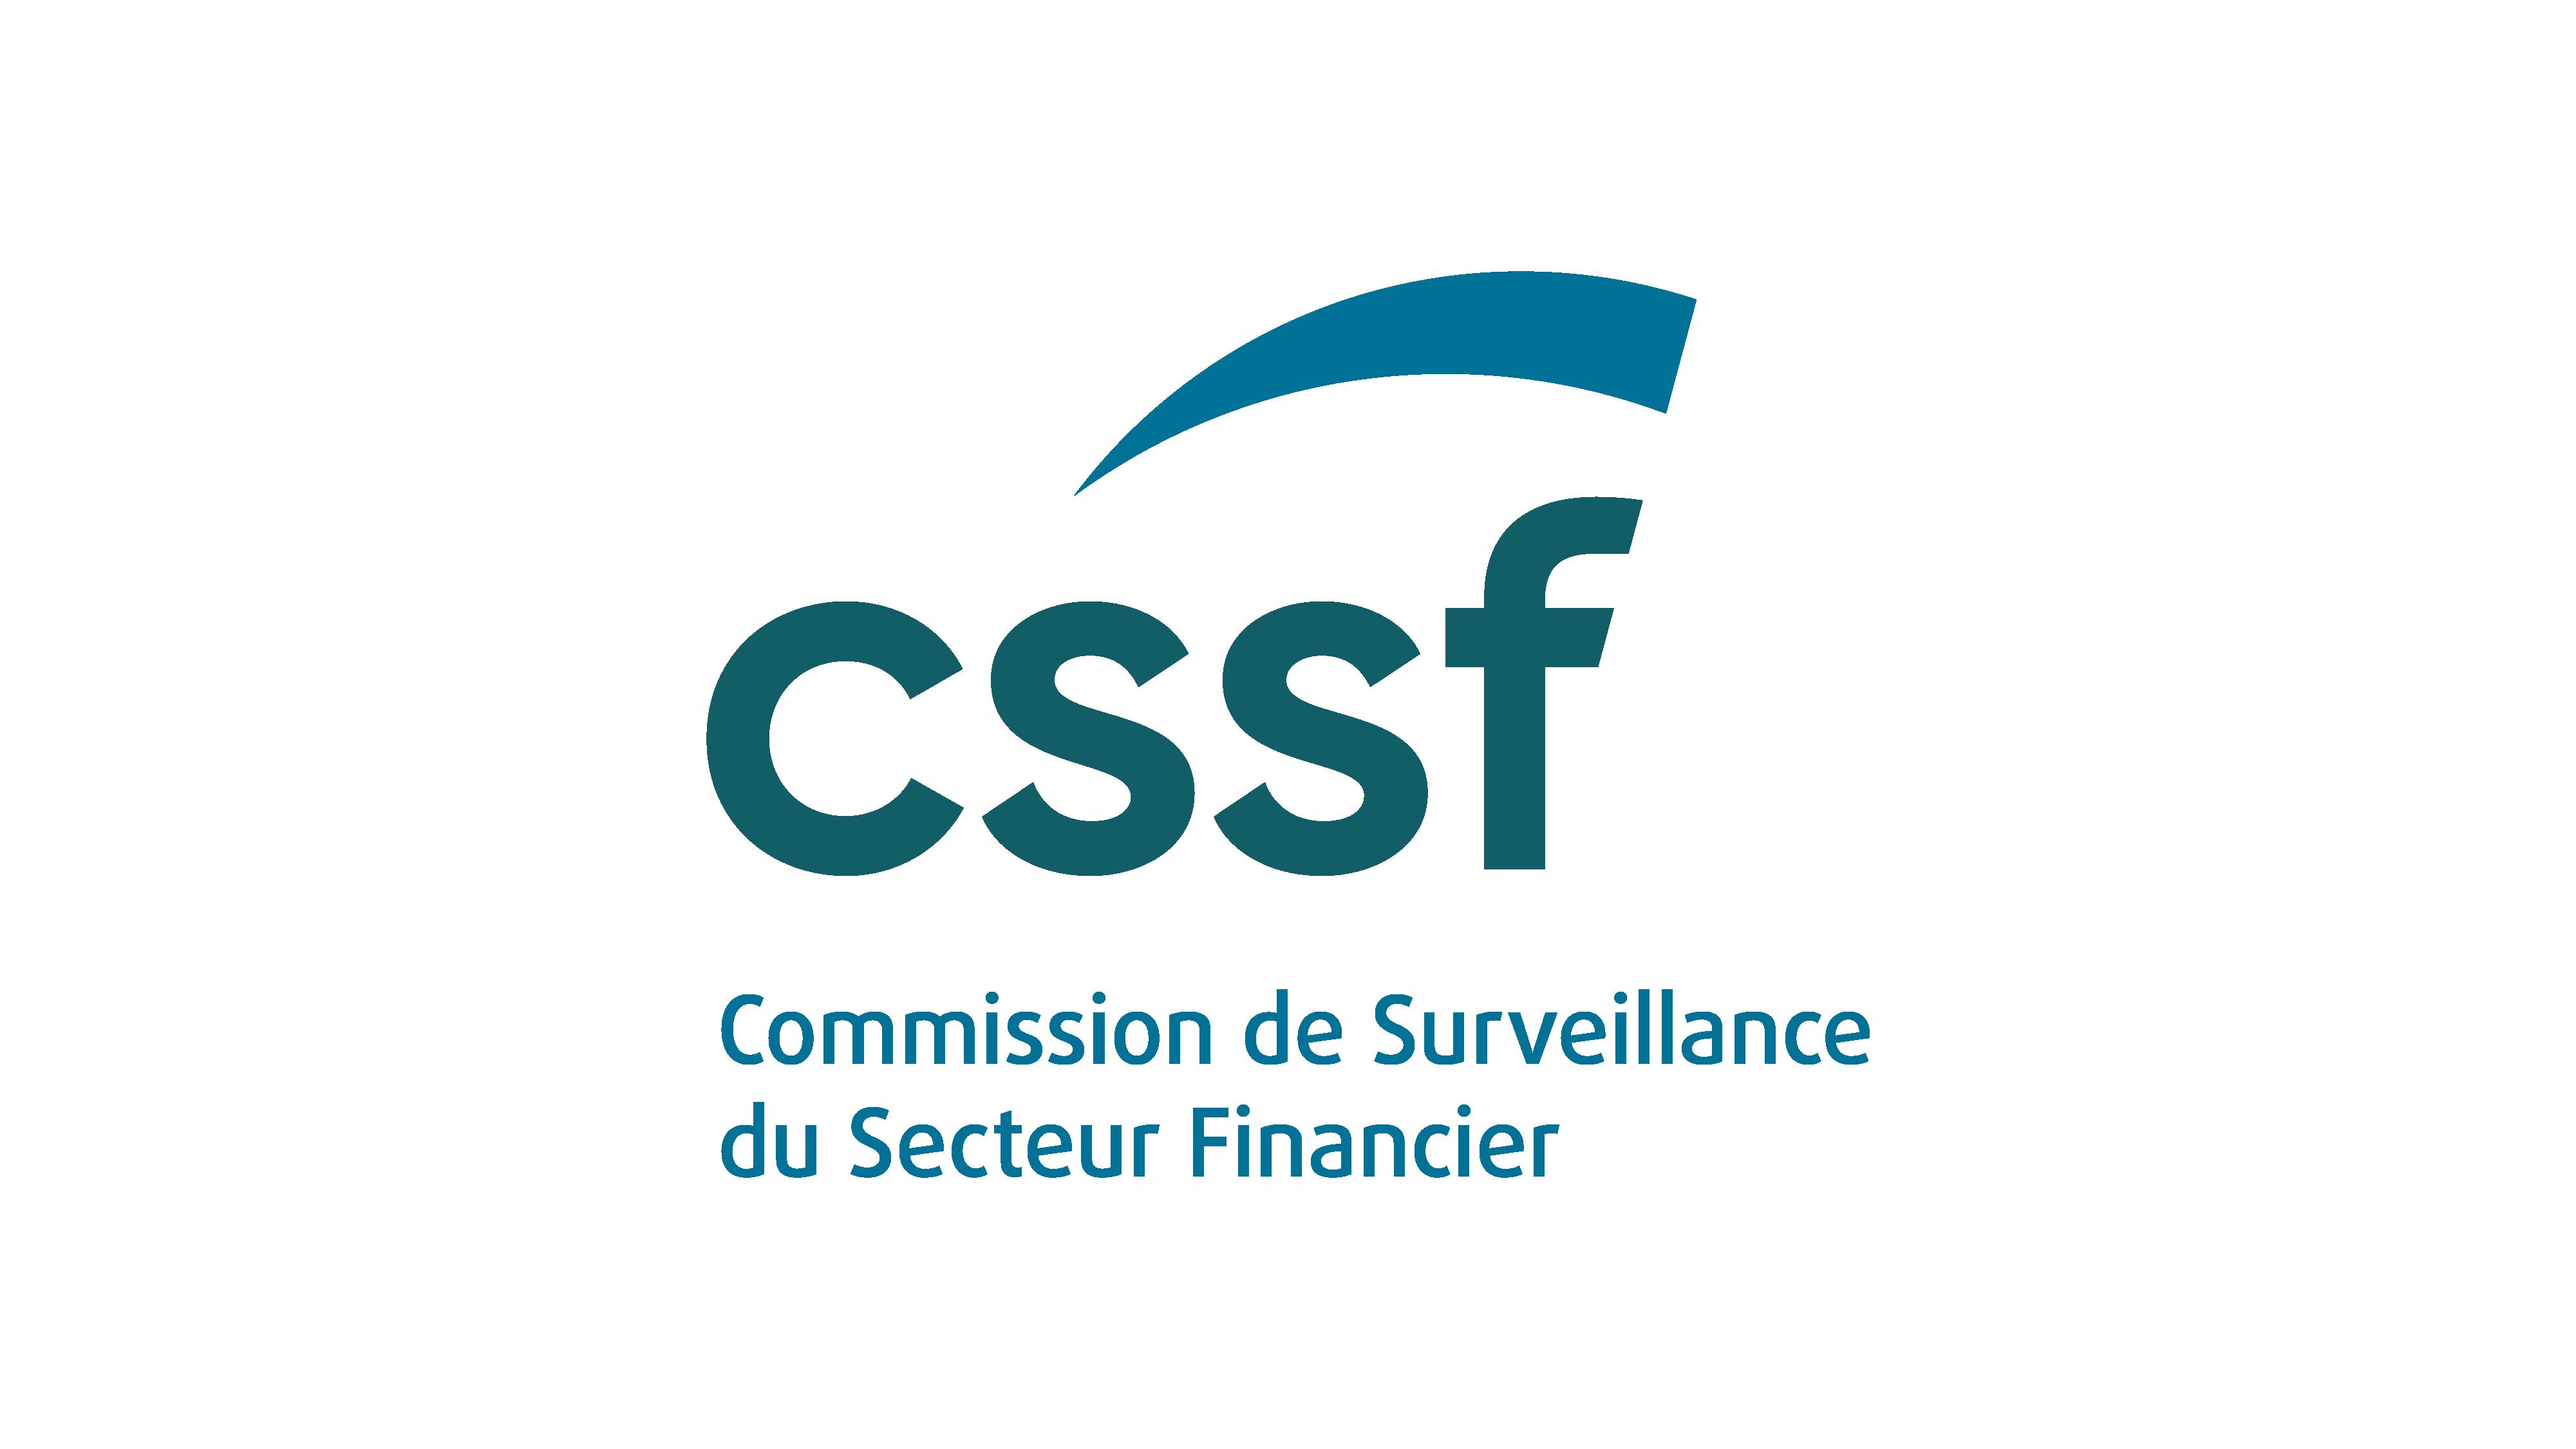 Commission de Surveillance du Secteur Financier (CSSF)